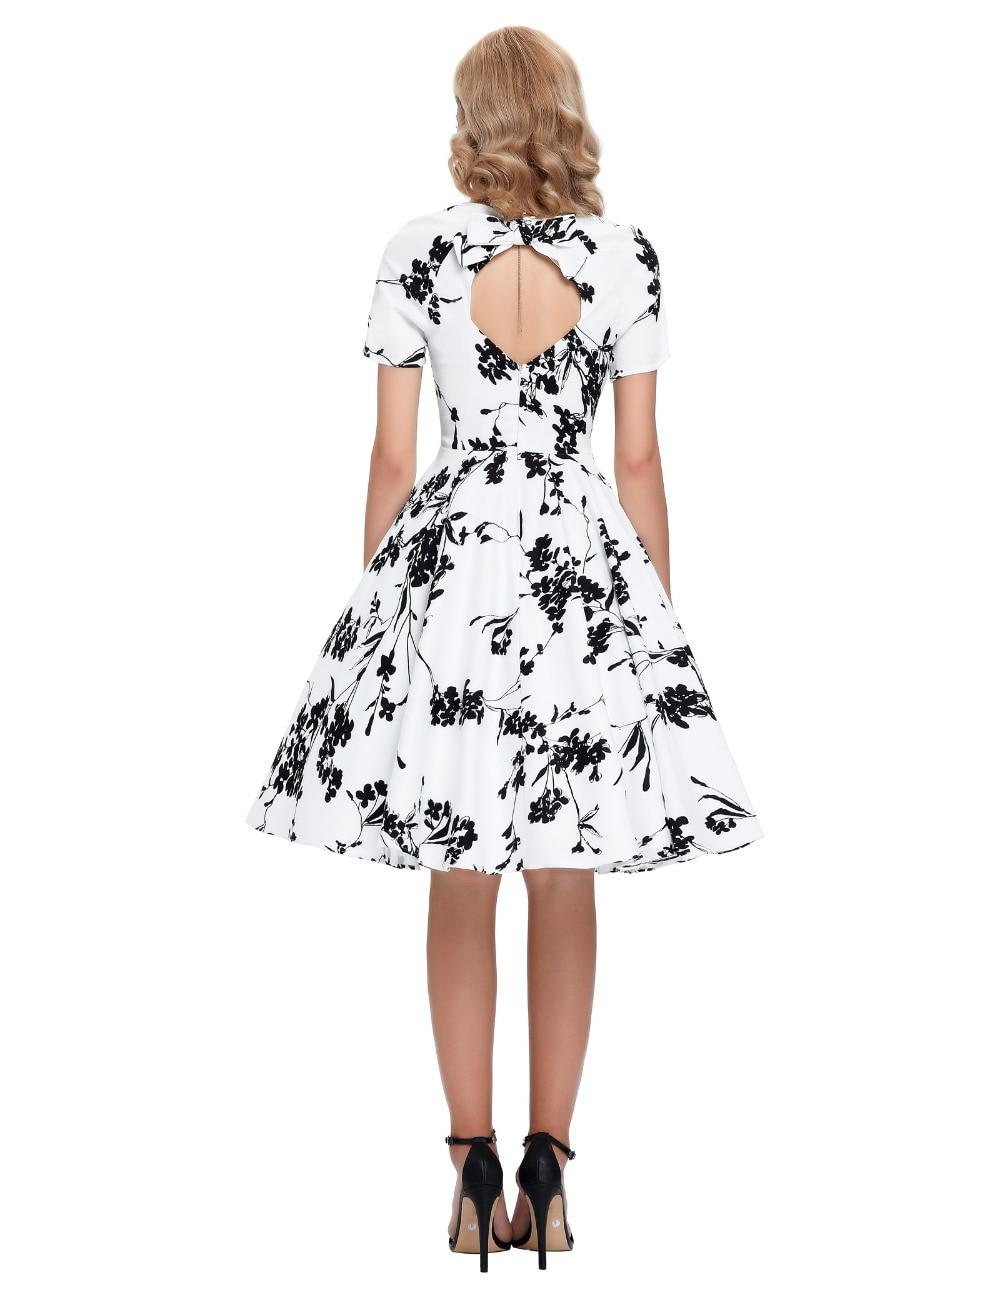 Robes Femmes 2 S Casual Nouveau Rétro up De 1 4 Pin Grande 50 Taille Court Pas Femininos Cher Robe 60 Swing 2016 Manches D'été 3 Vintage zgvwzqtnf